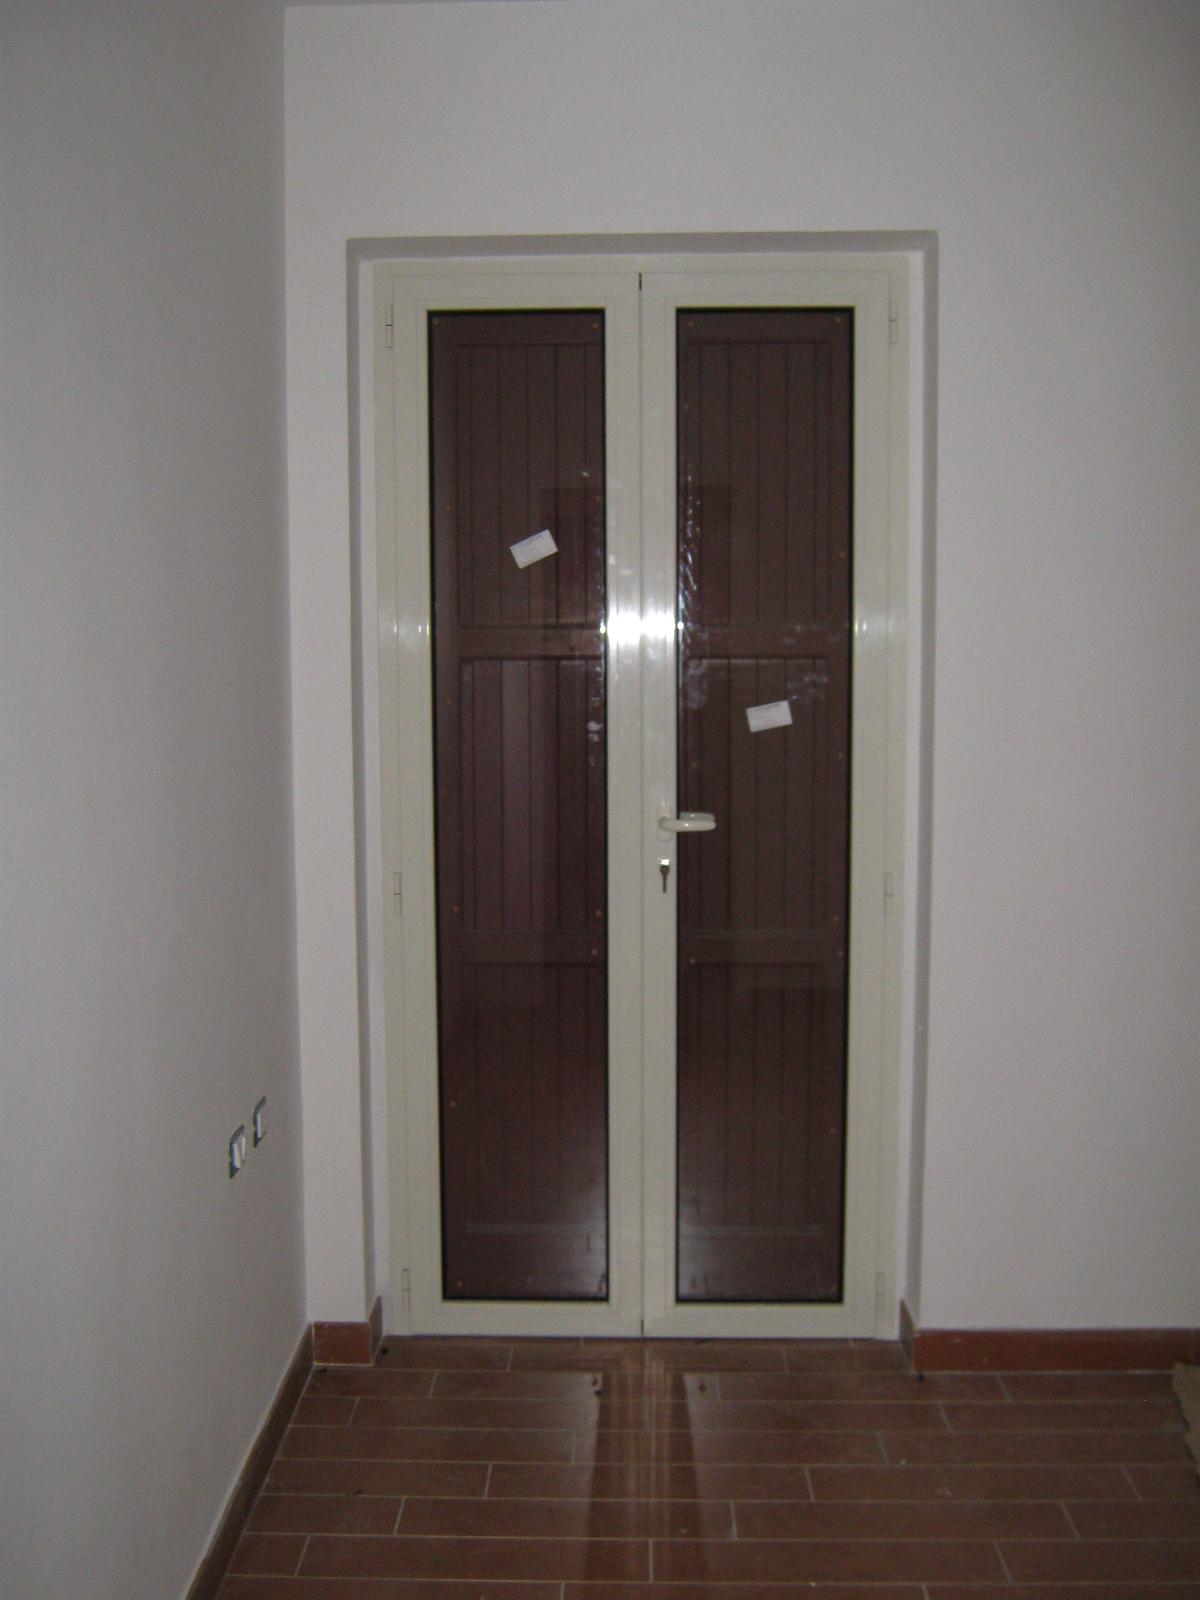 Infissi in alluminio fratelli bucci infissi in alluminio e ferrofratelli bucci infissi in - Porta finestra in alluminio ...